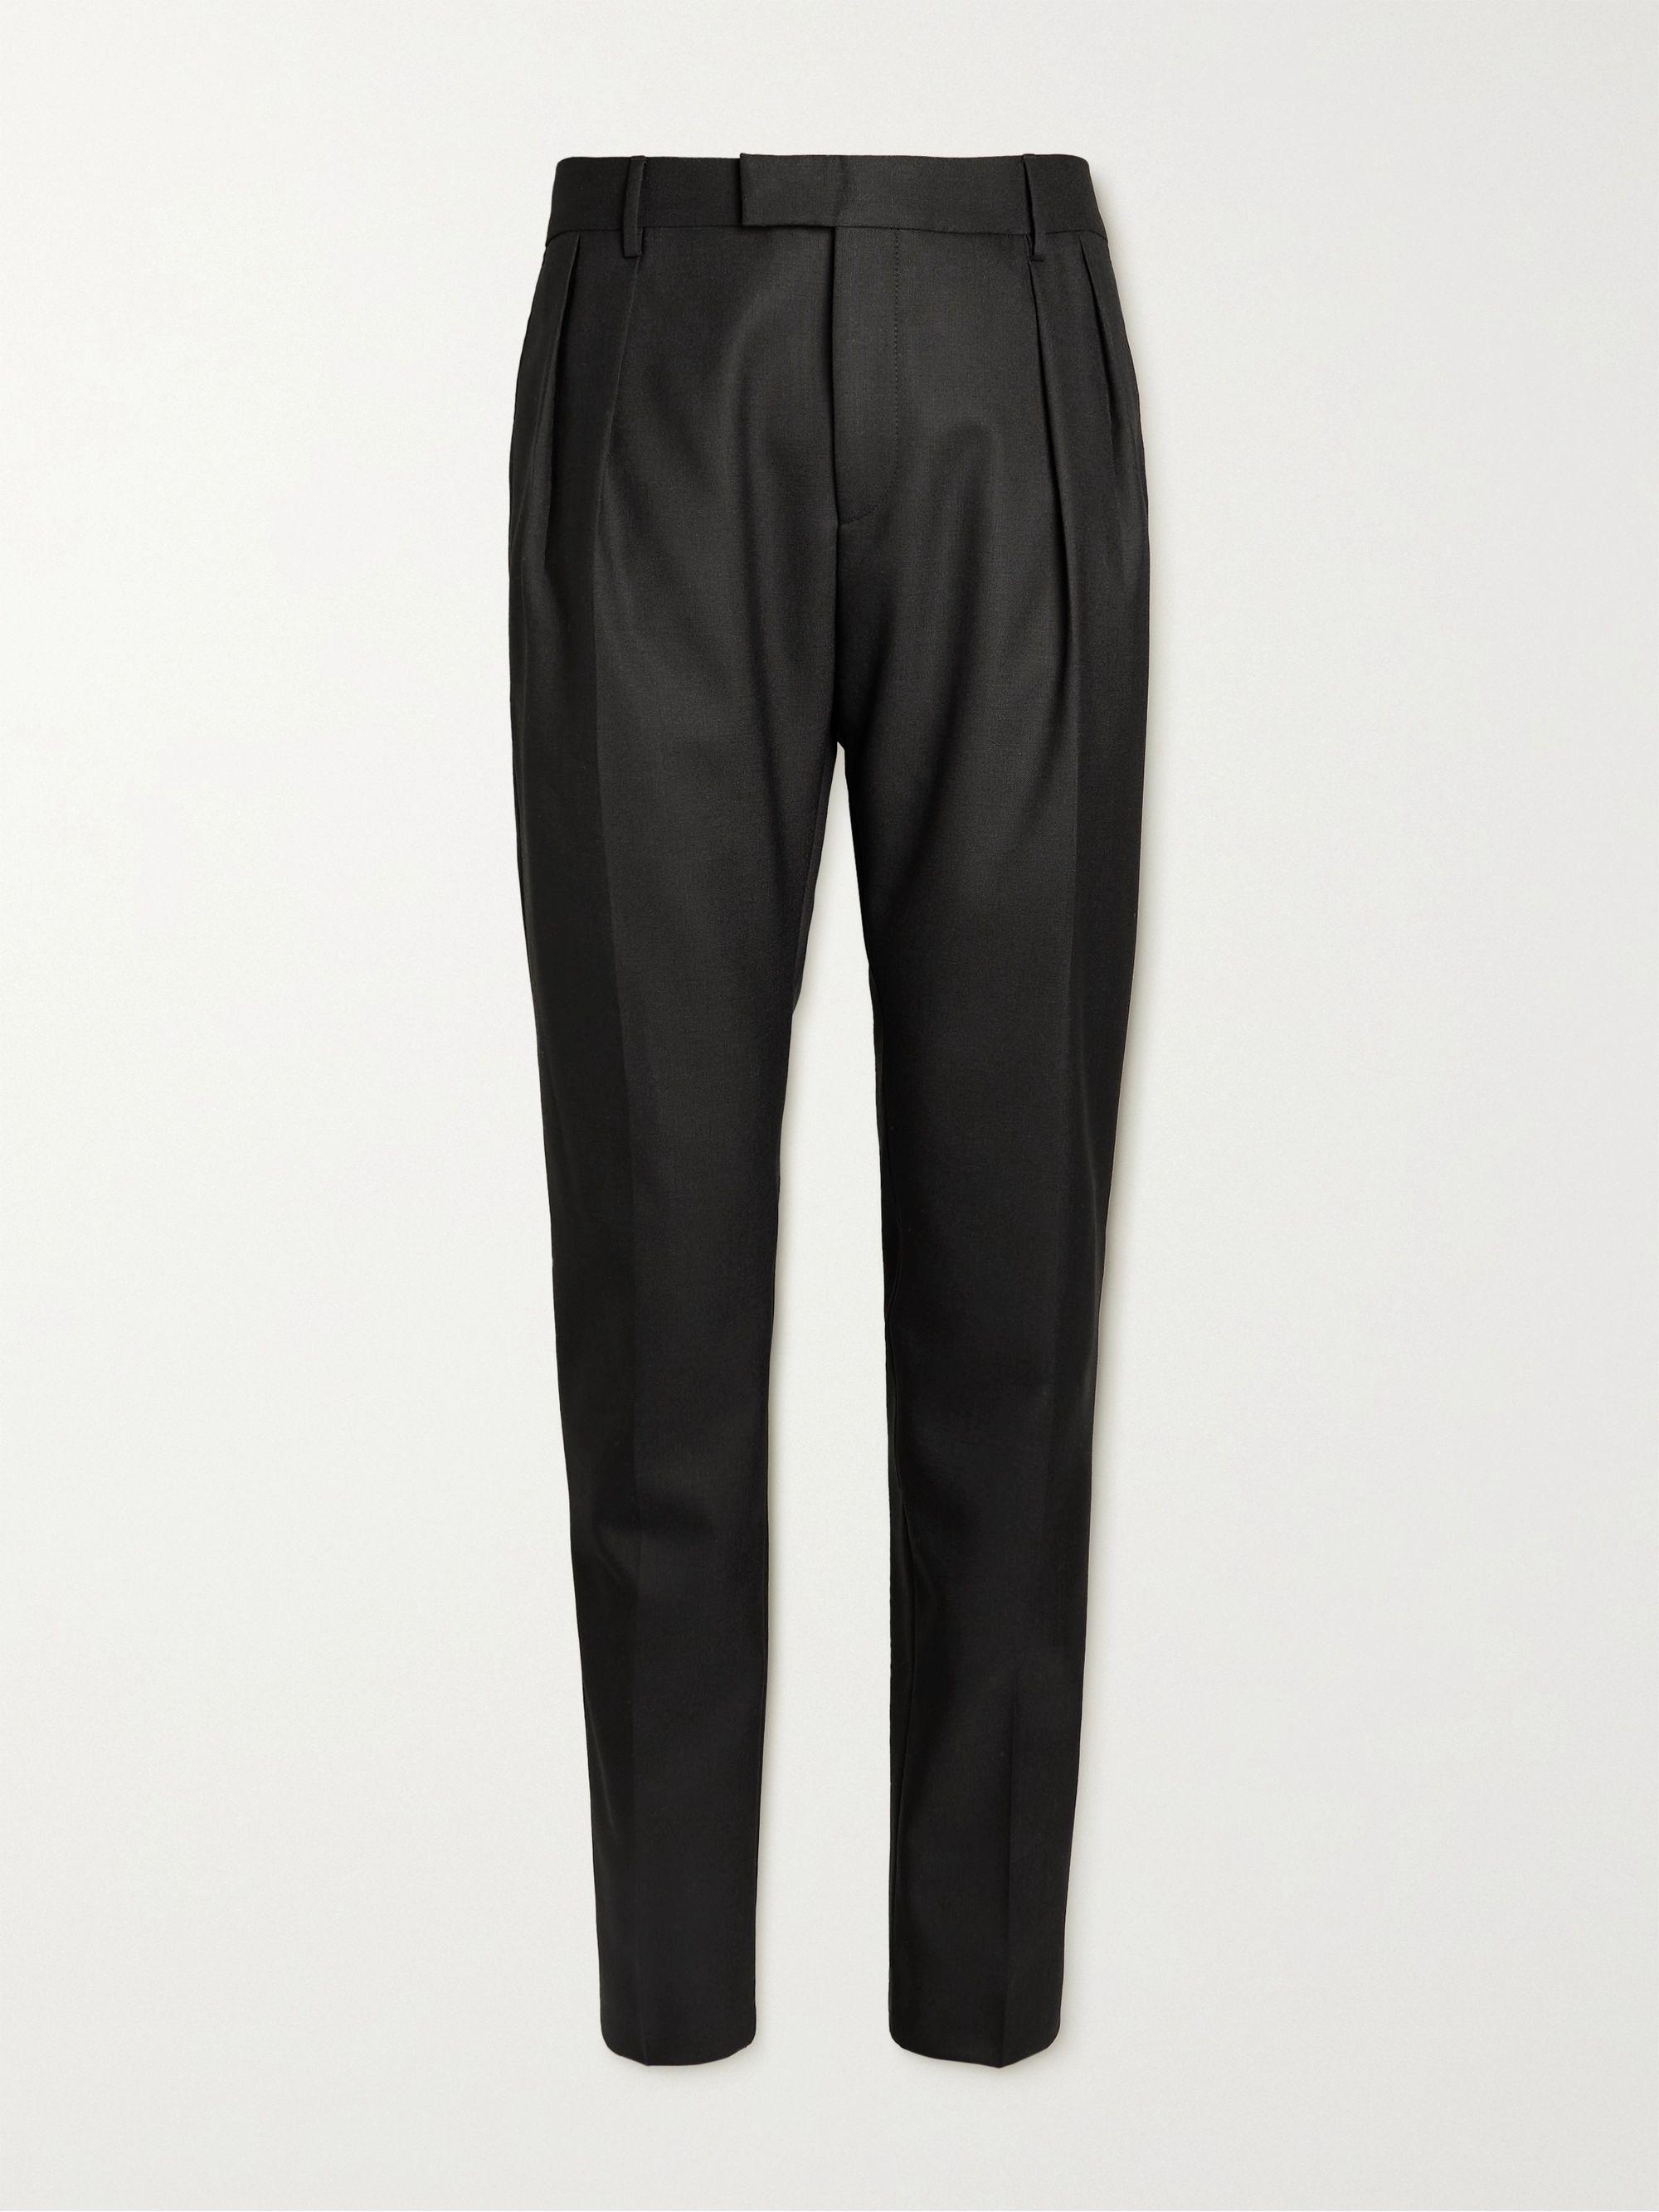 HUGO BOSS Francis Slim-Fit Pleated Virgin Wool Trousers